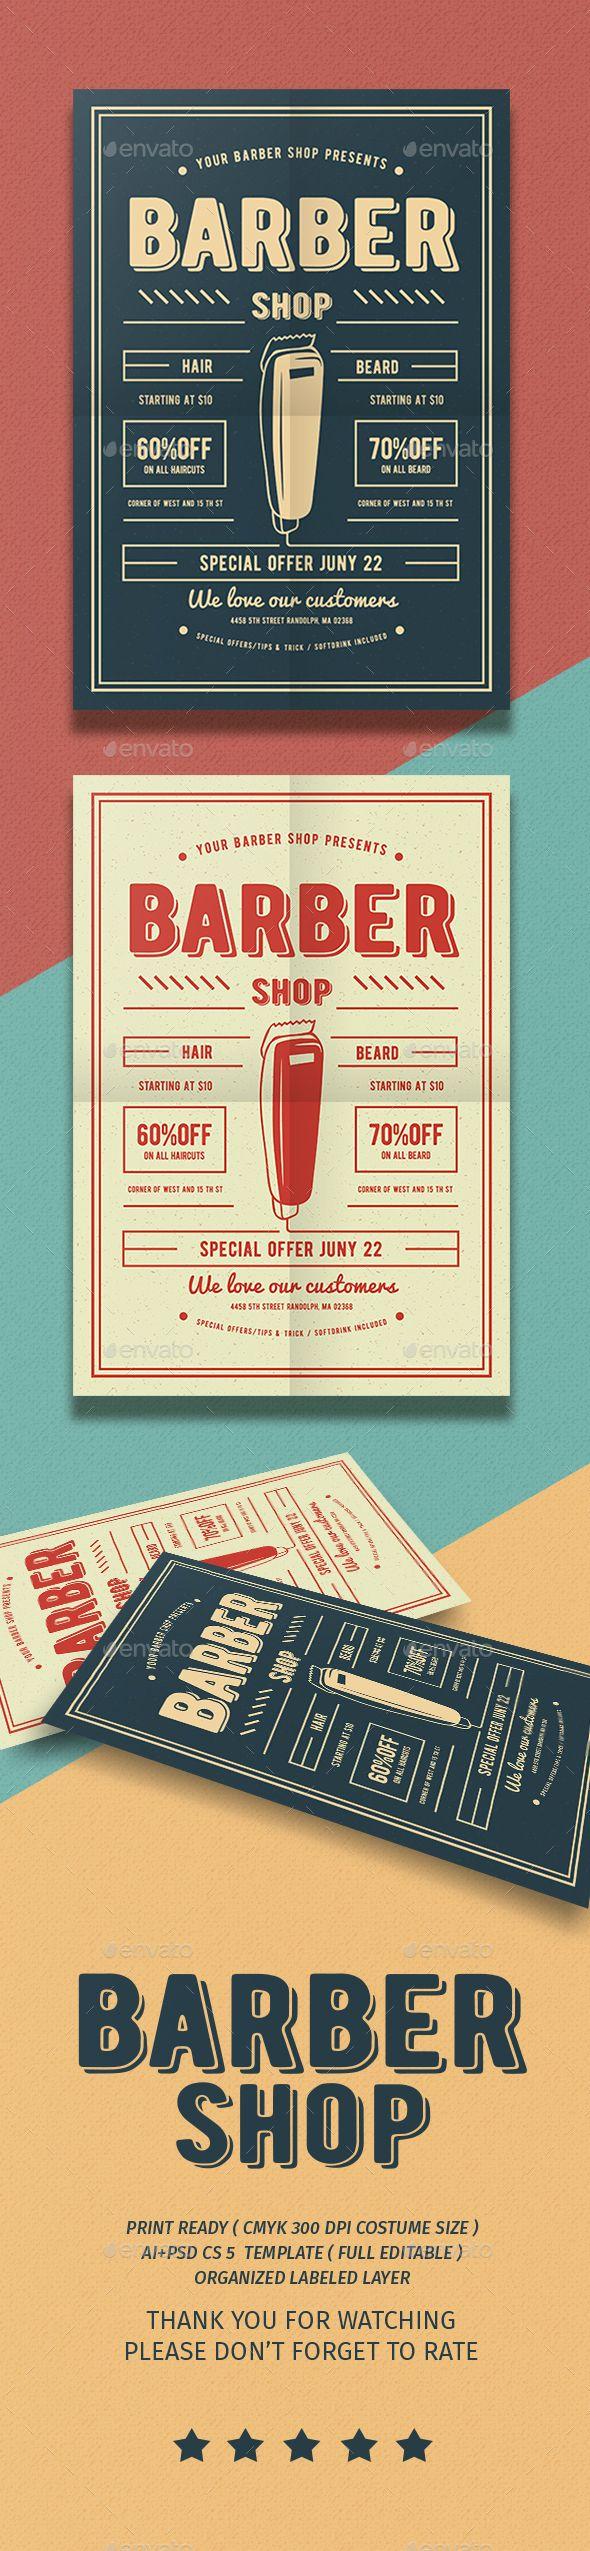 barber shop flyer flyer template flyers and shops. Black Bedroom Furniture Sets. Home Design Ideas